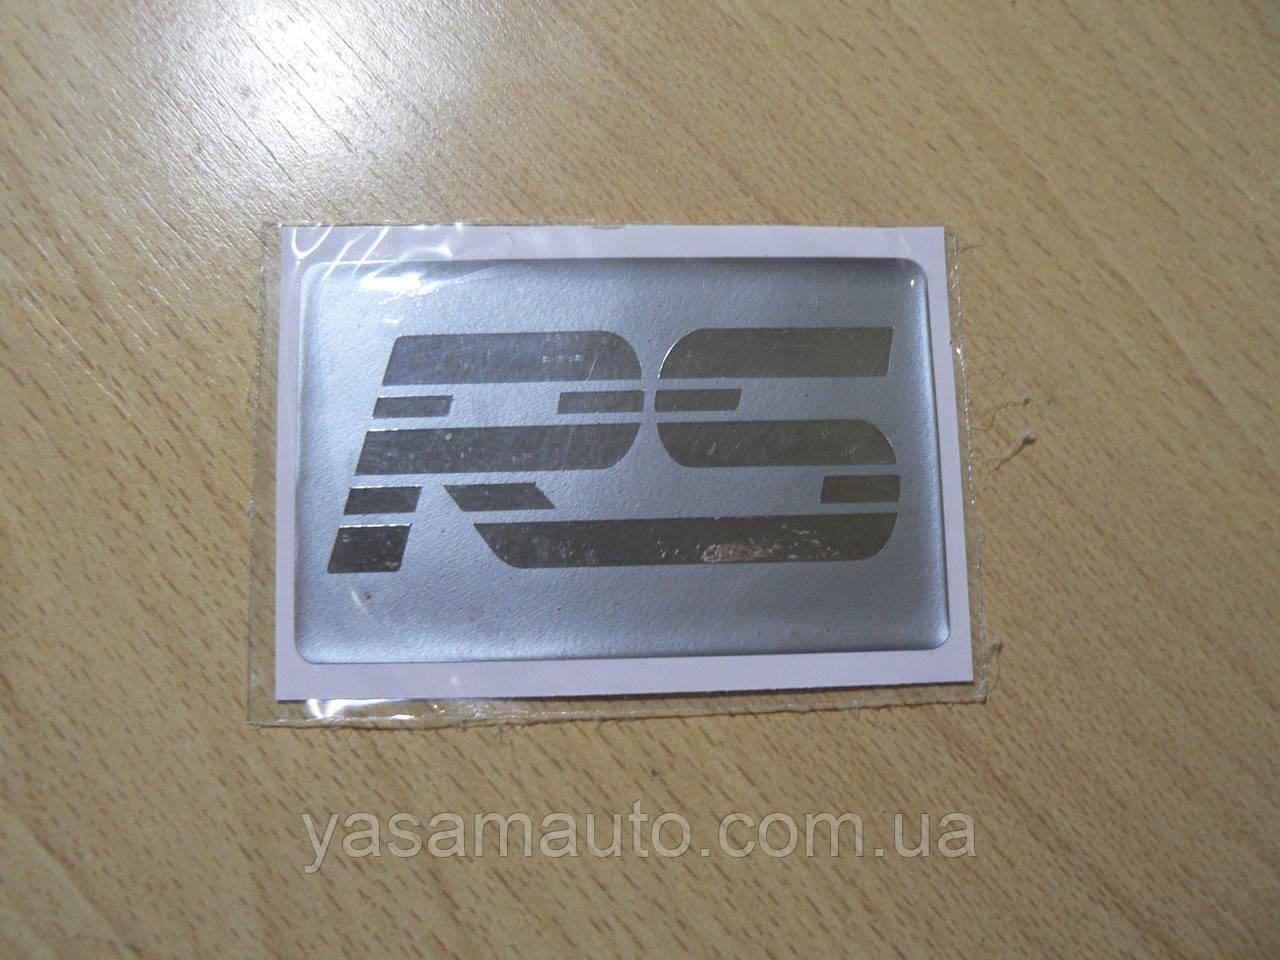 Наклейка s надпись RS 80х50х1мм полосатая силиконовая полоска фон серый на авто надпись РС медальон